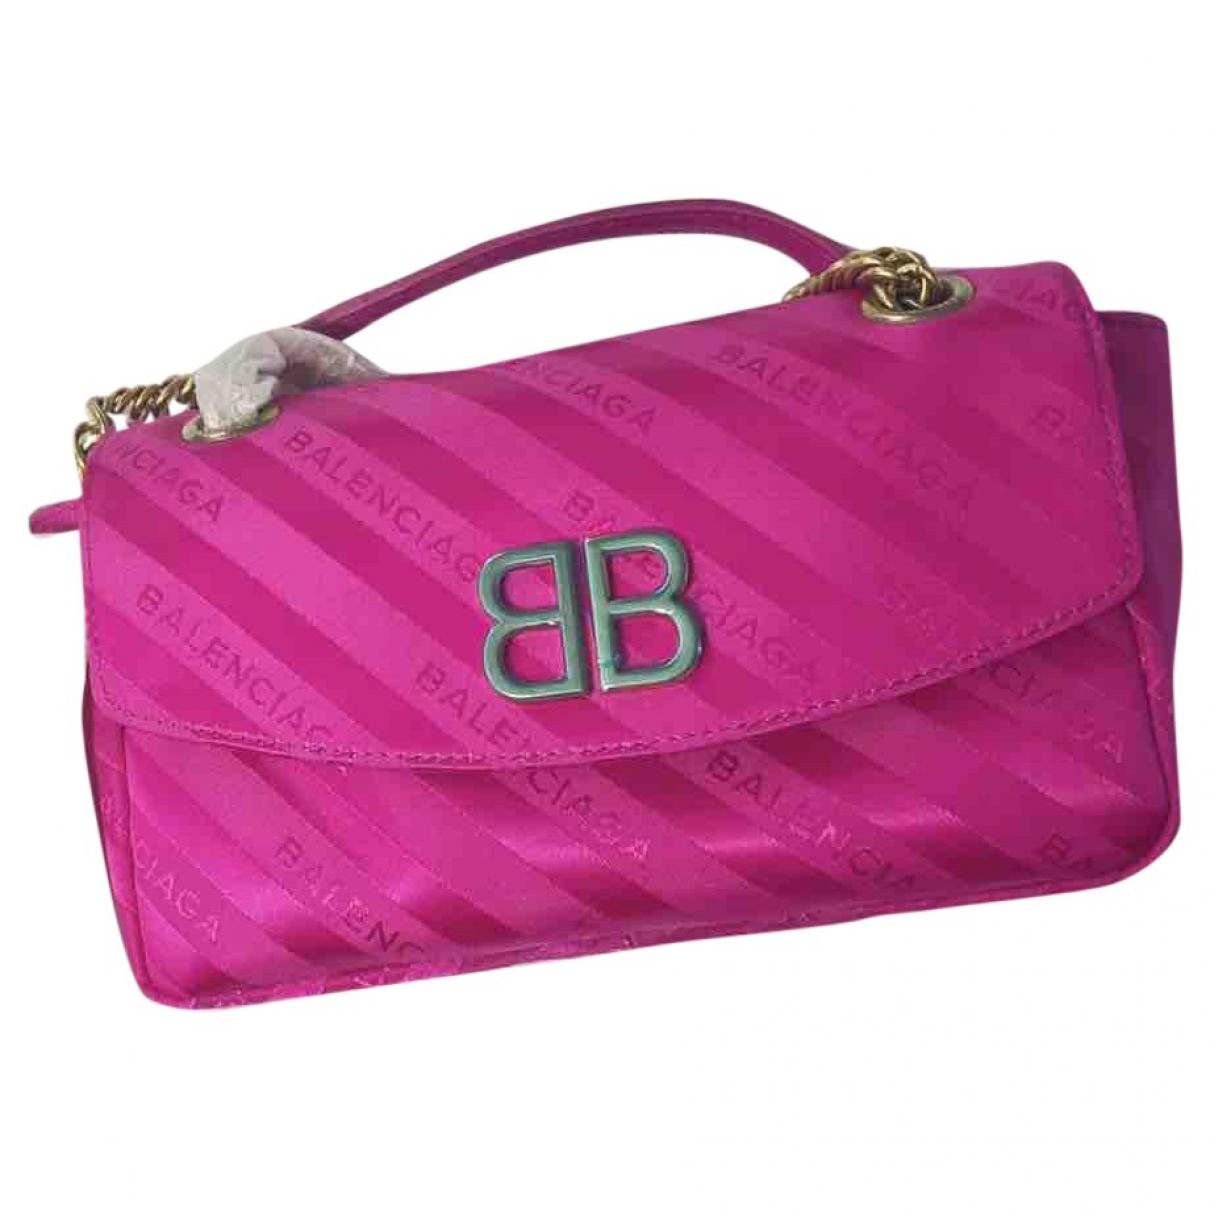 Balenciaga - Sac a main BB Round pour femme en soie - rose